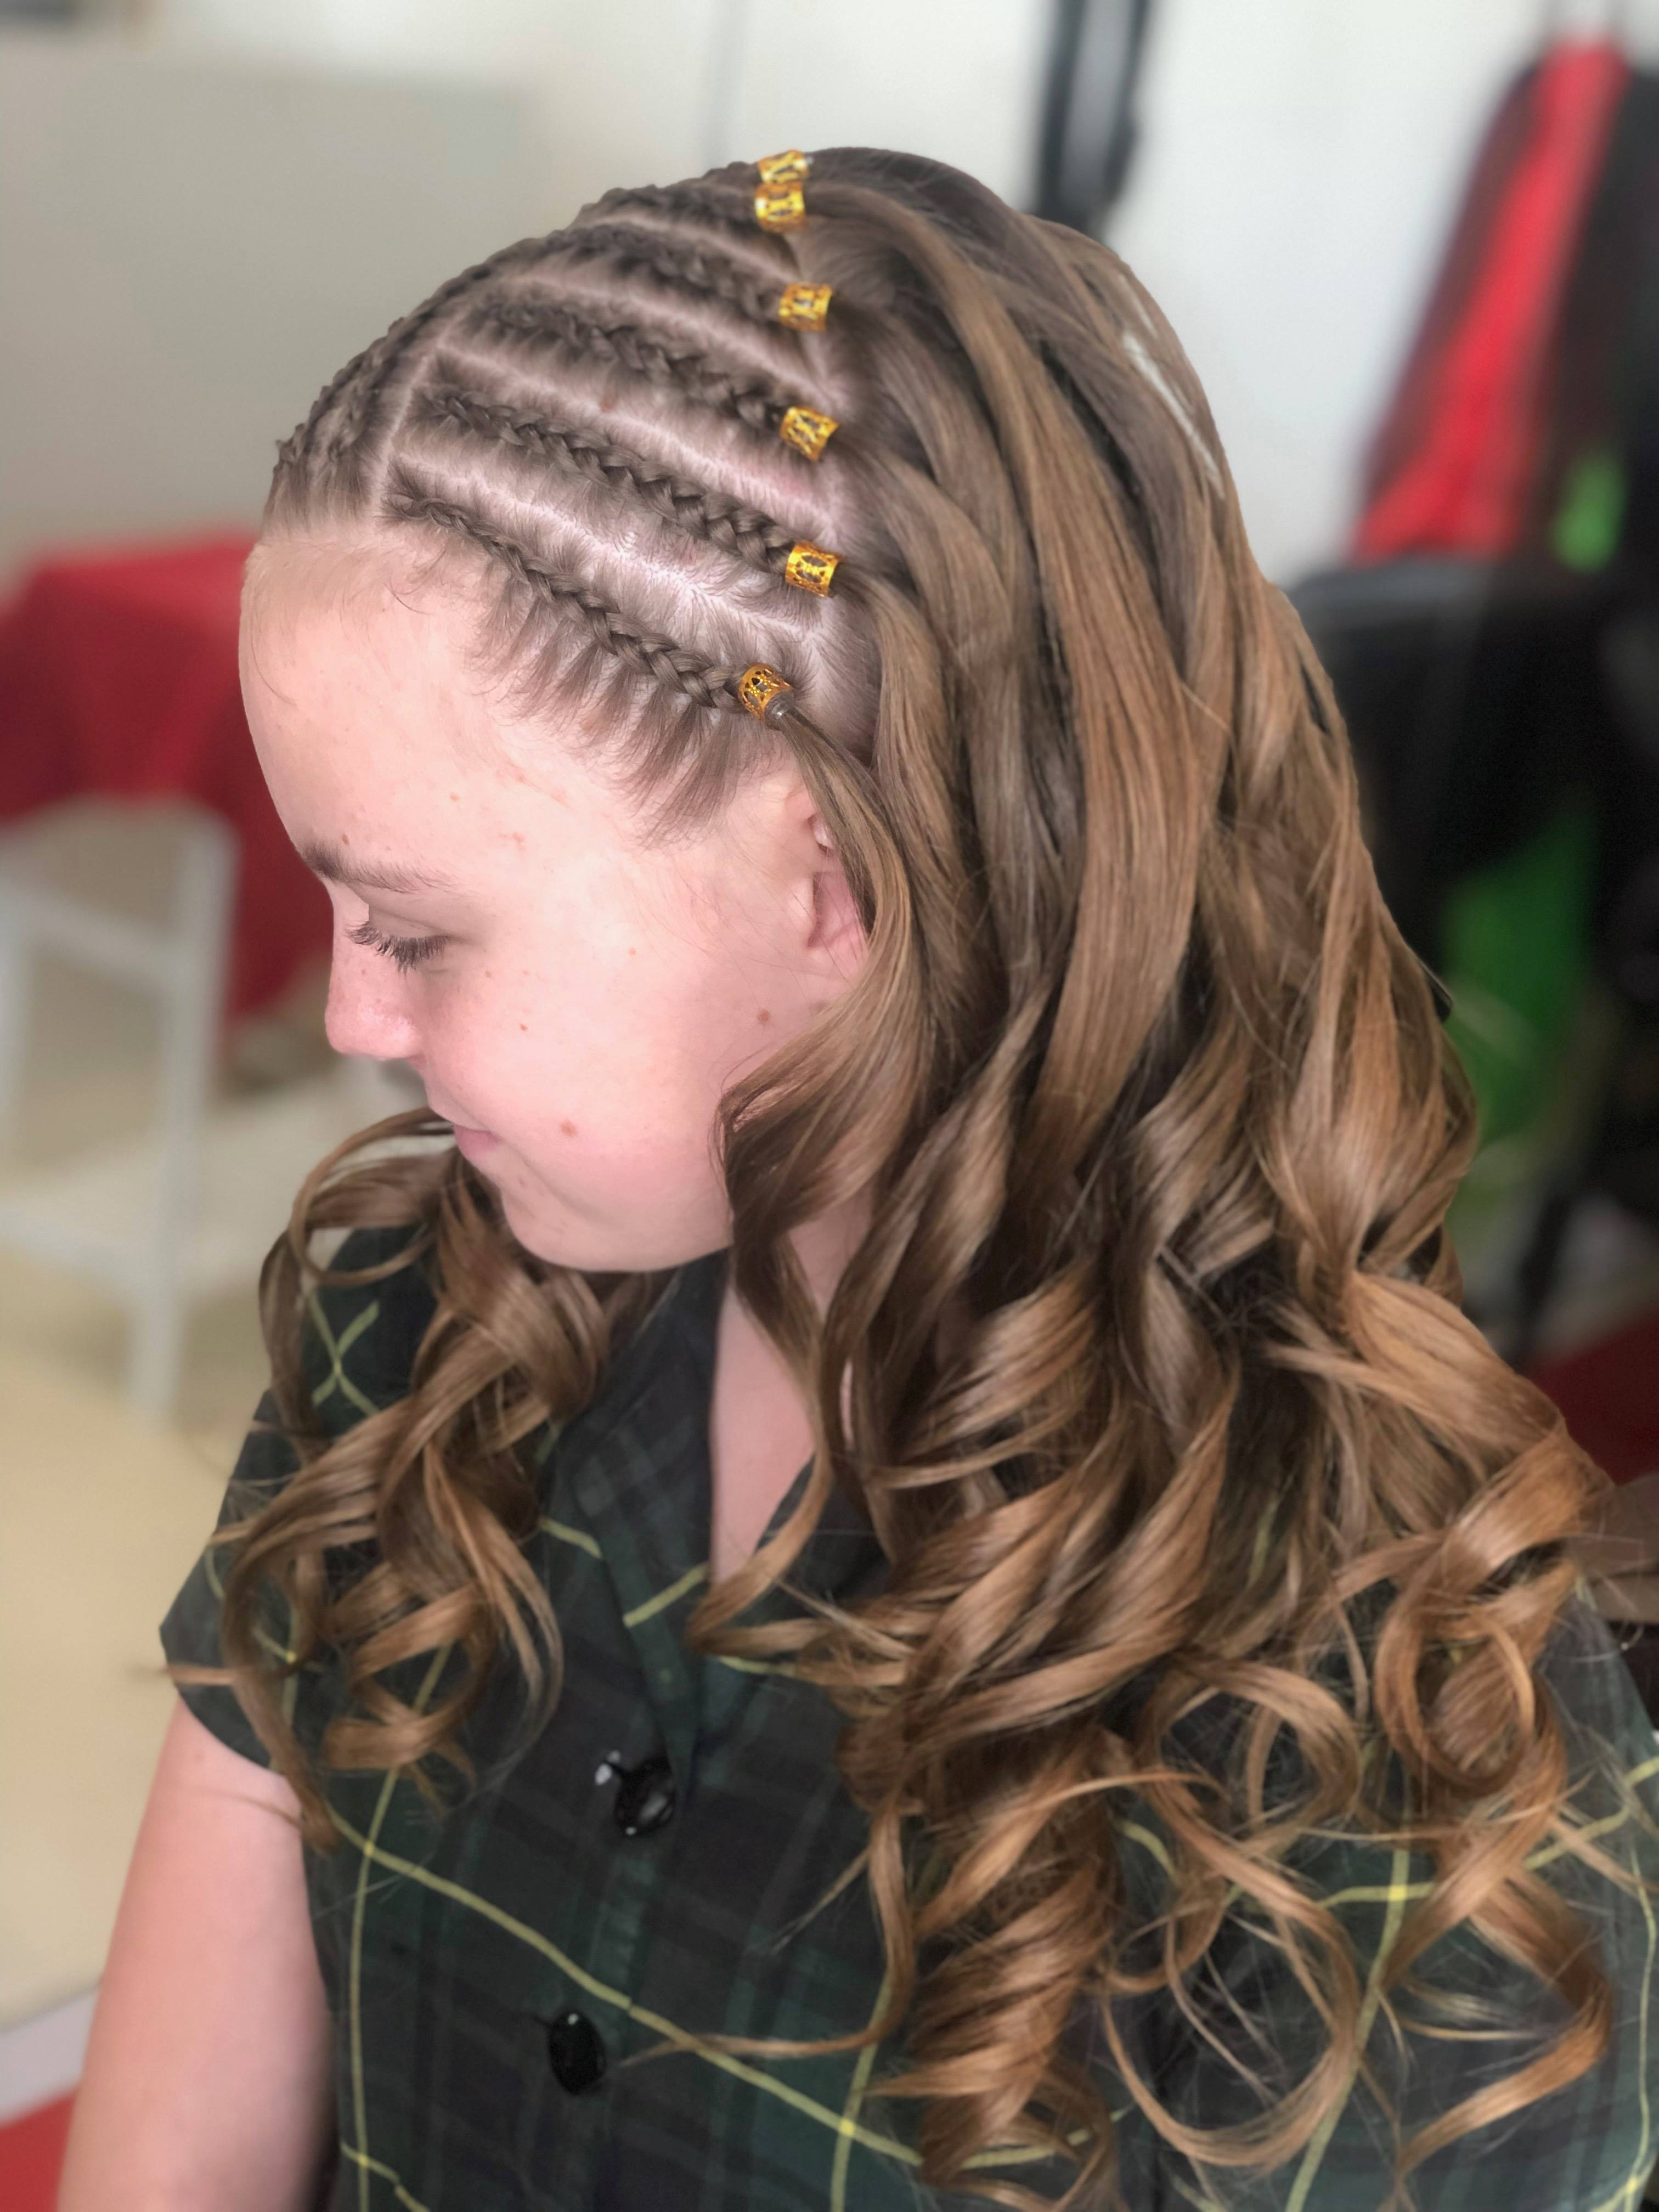 Braids and curls / straighten hair